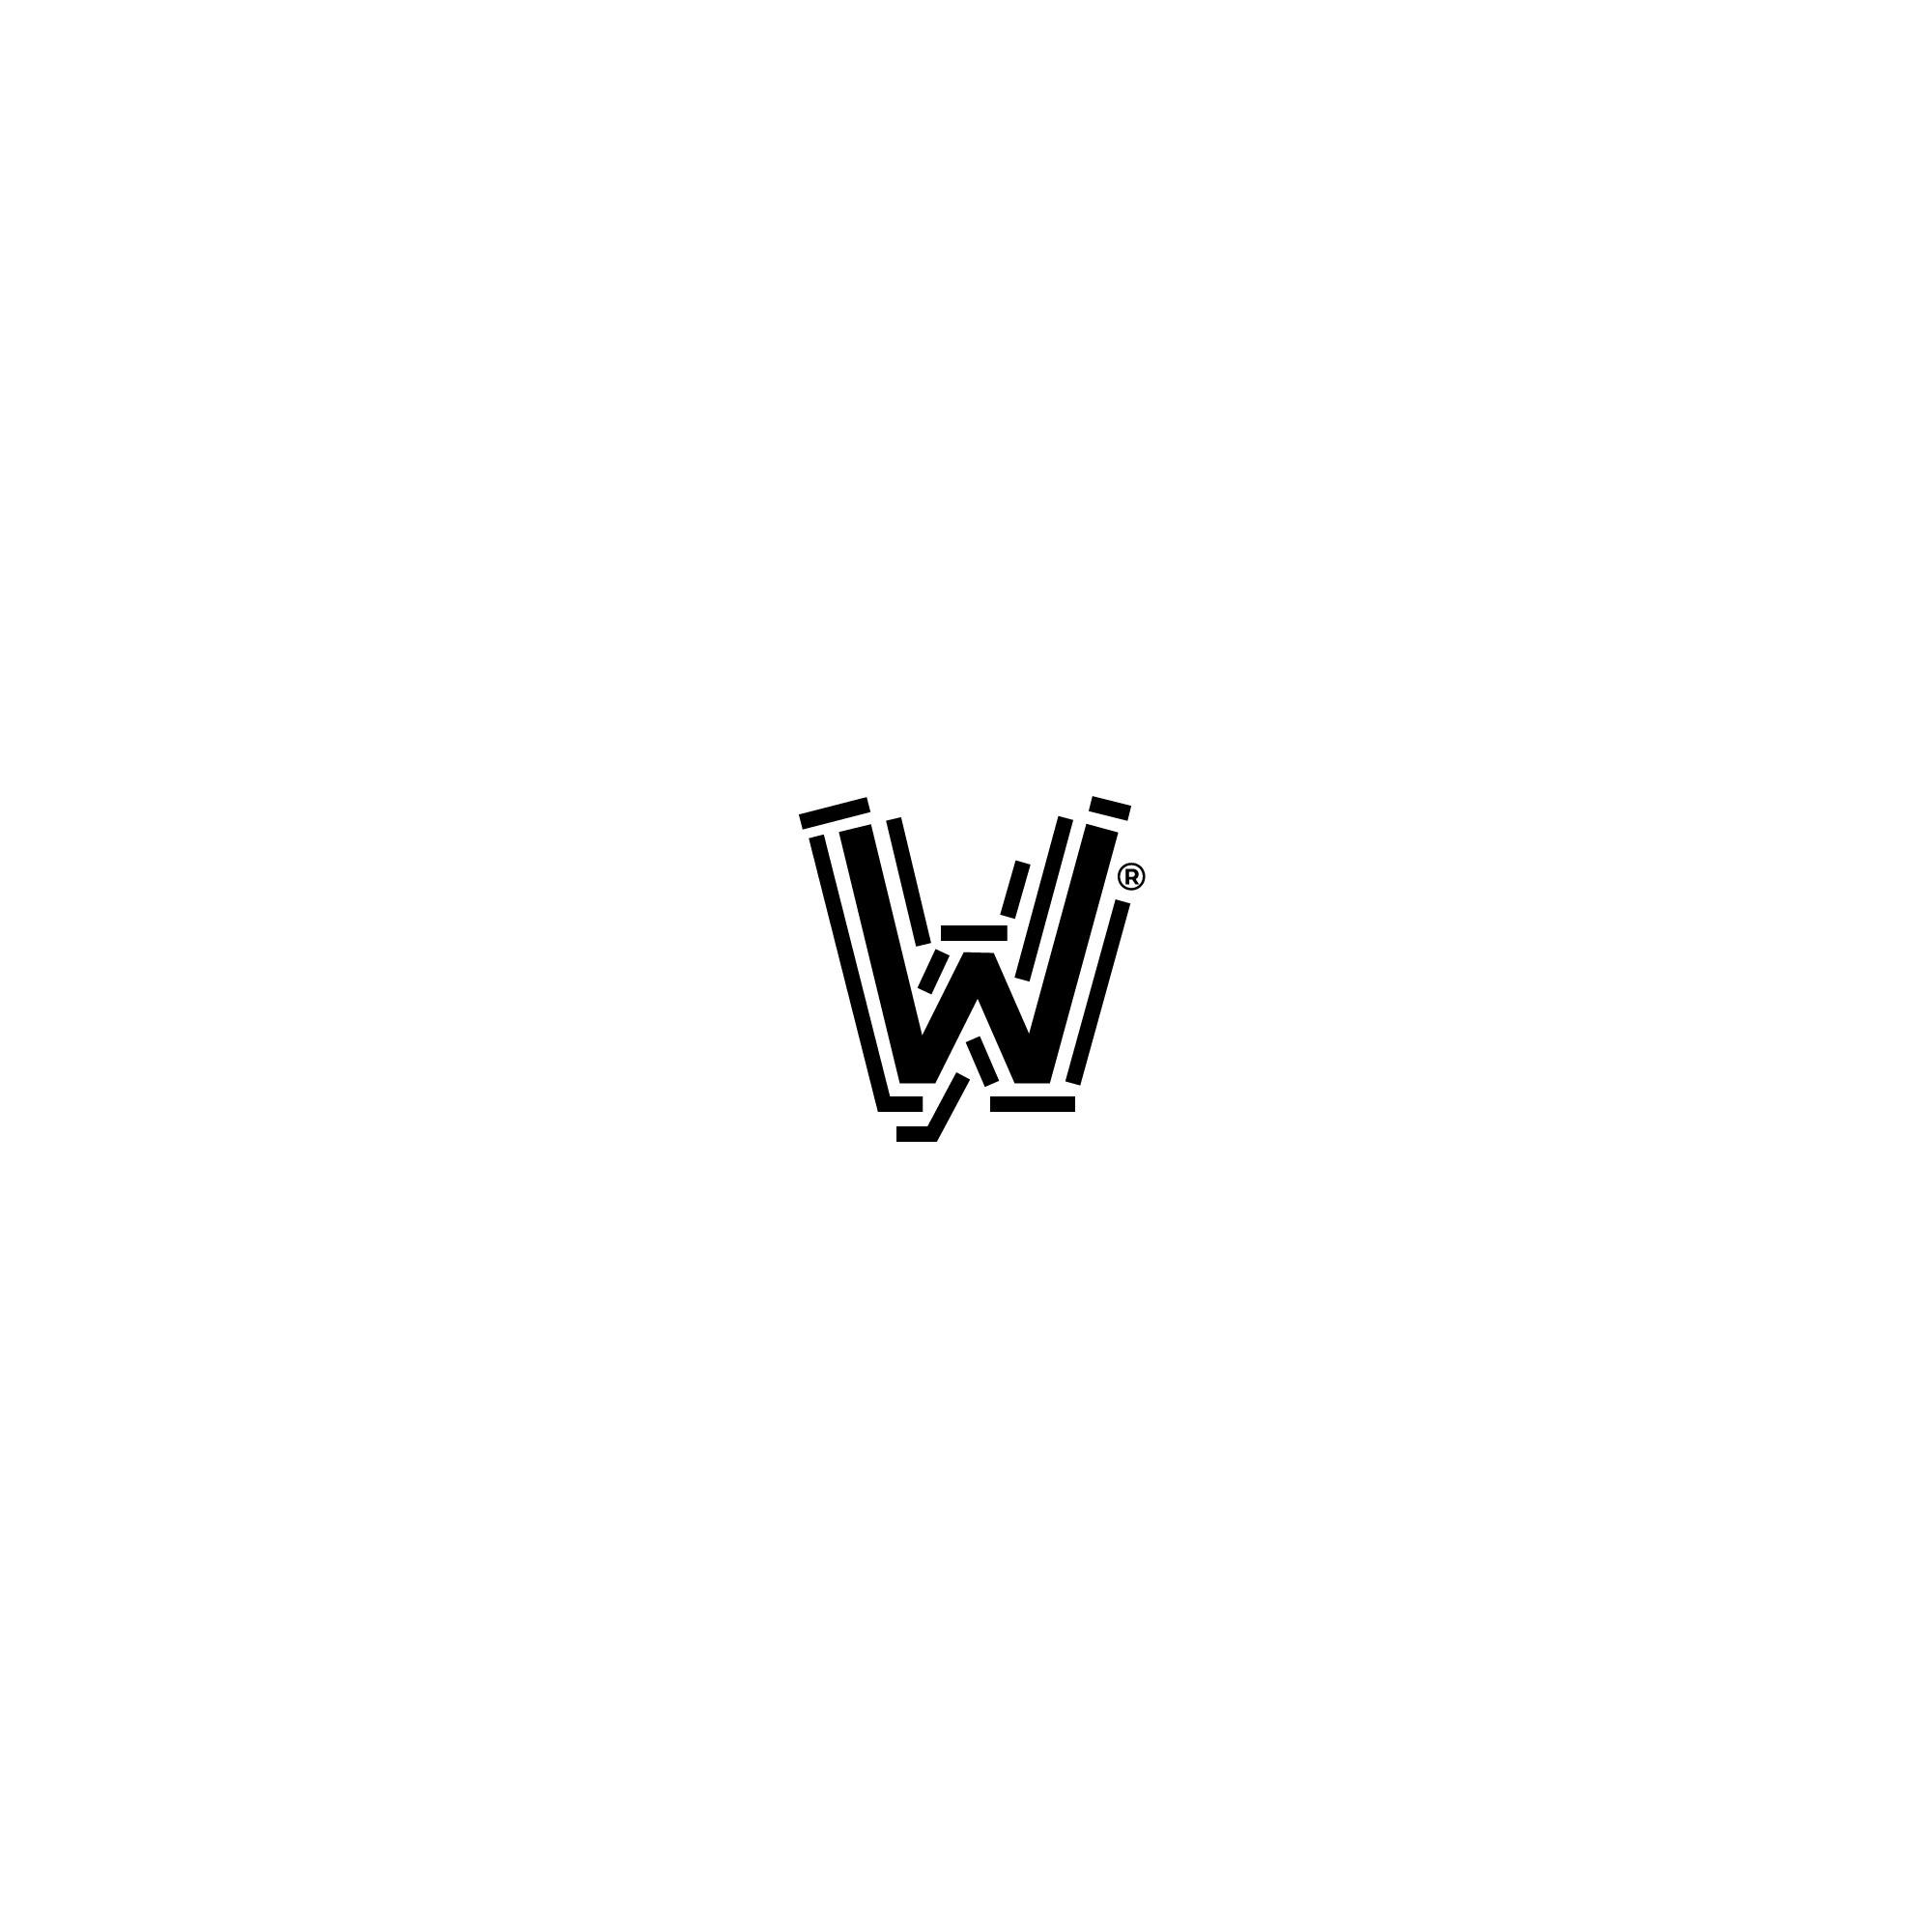 Wizdom Business Logo